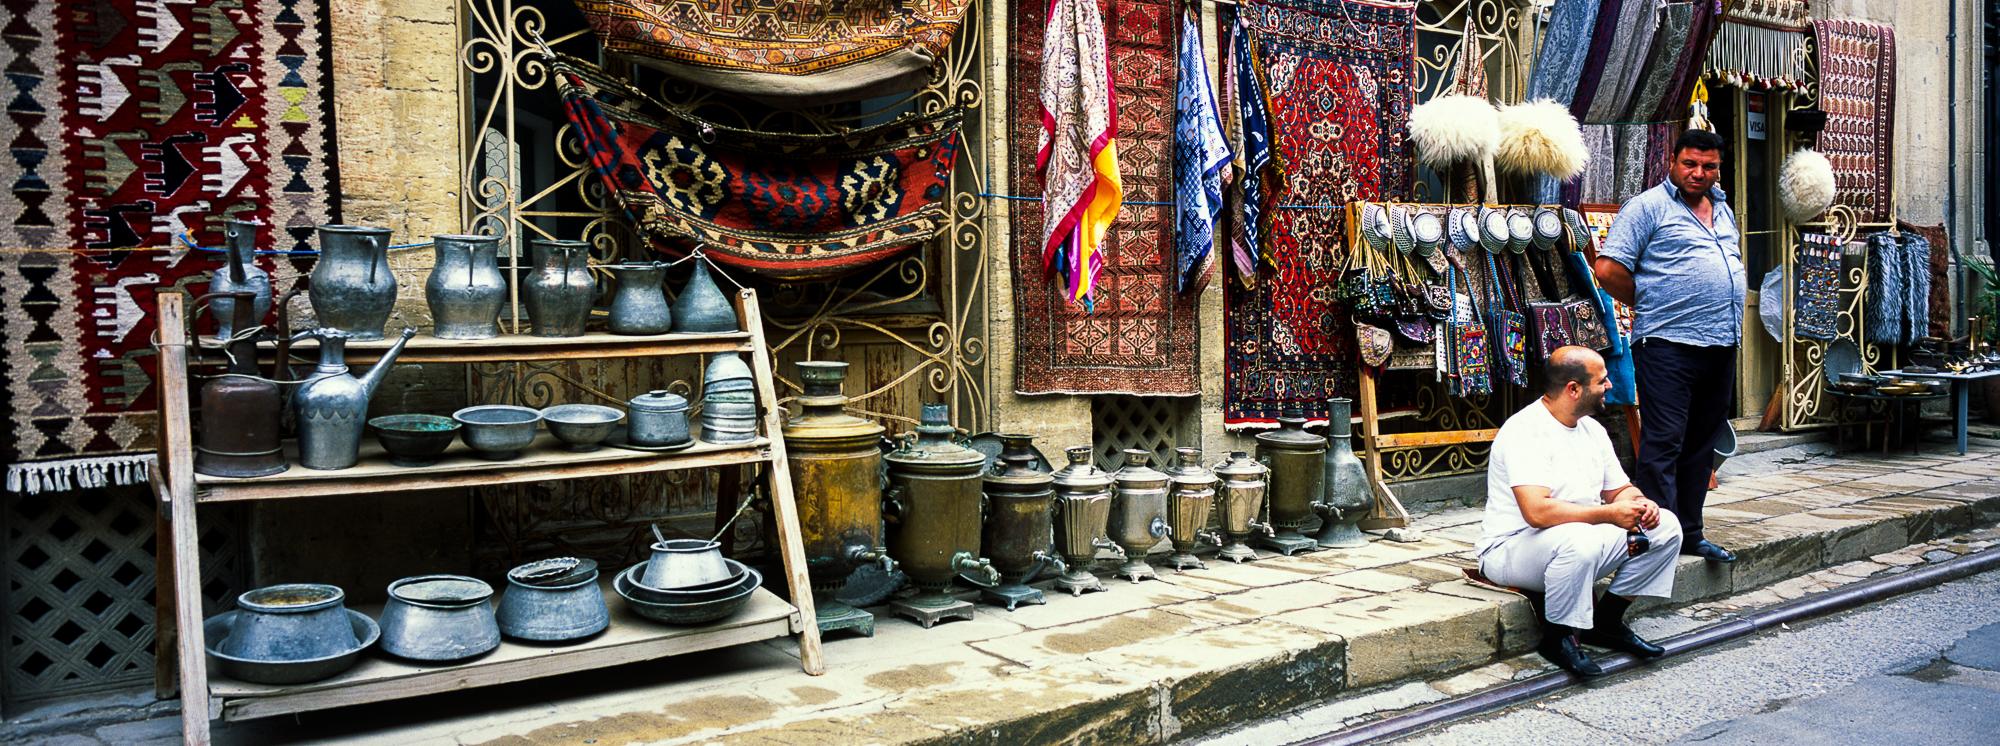 Улочки старого Баку